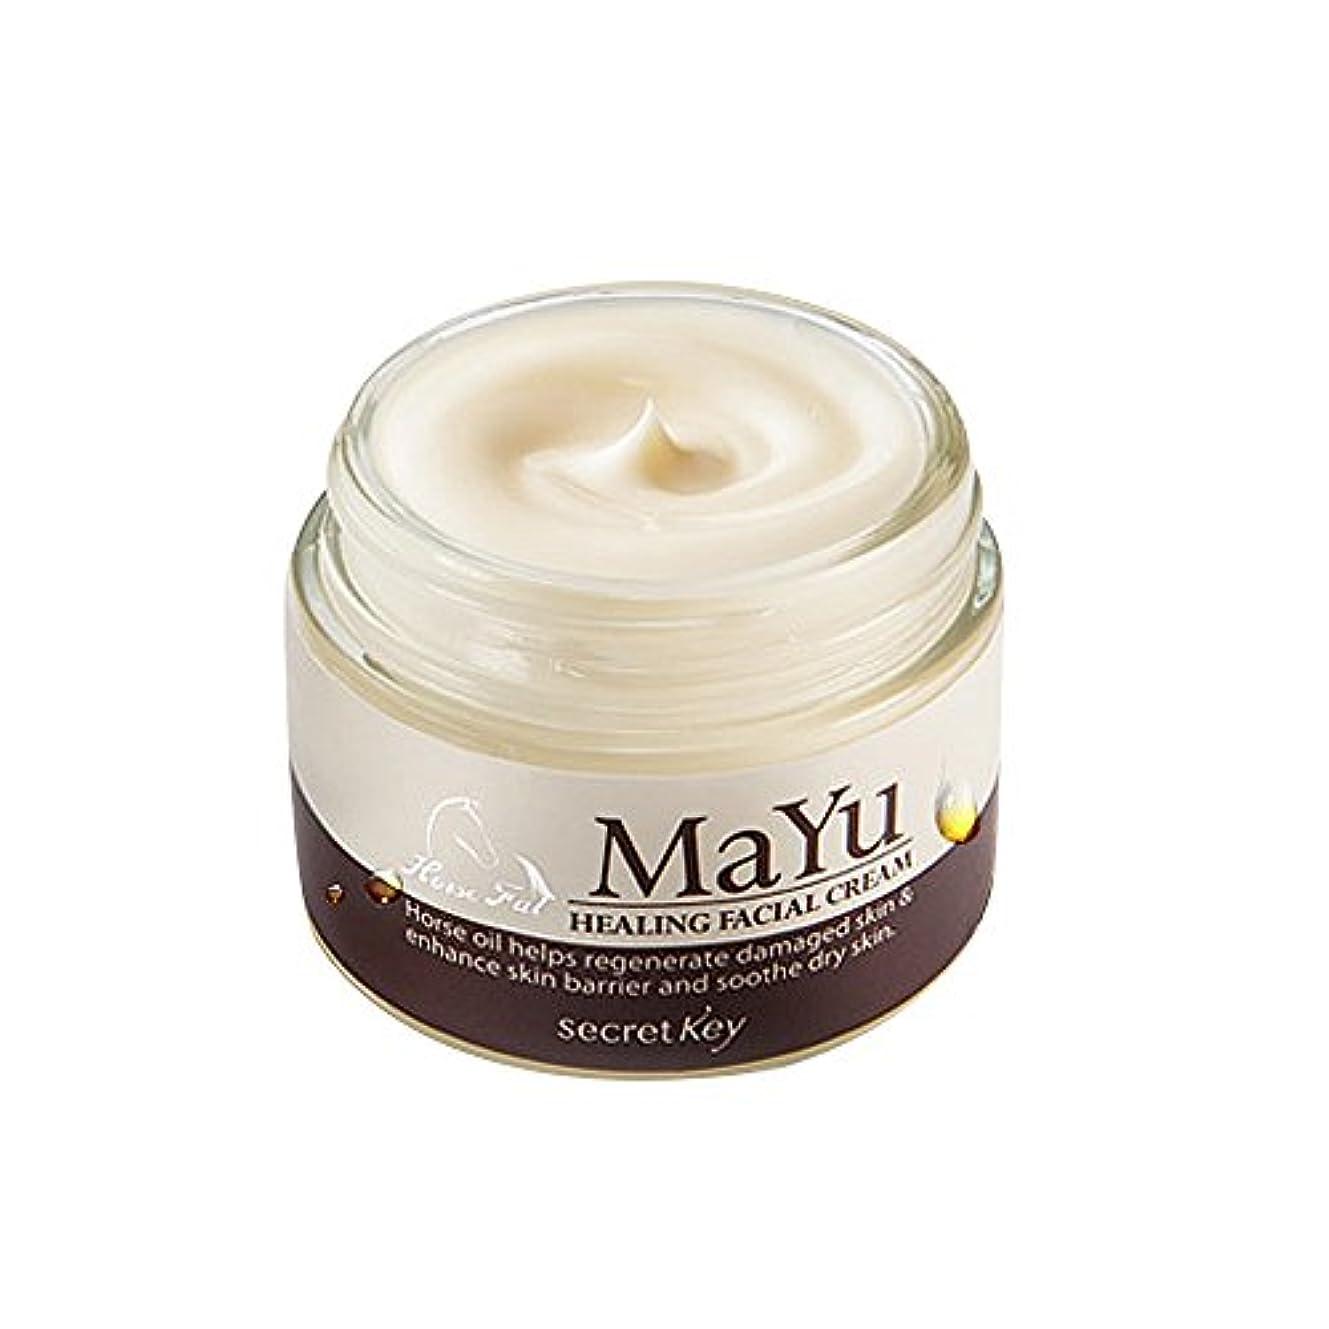 生活温かいカエル[シークレットキー]Secretkey 馬油ヒーリングフェイシャルクリーム70g 海外直送品 Mayu Healing Facial Cream 70g